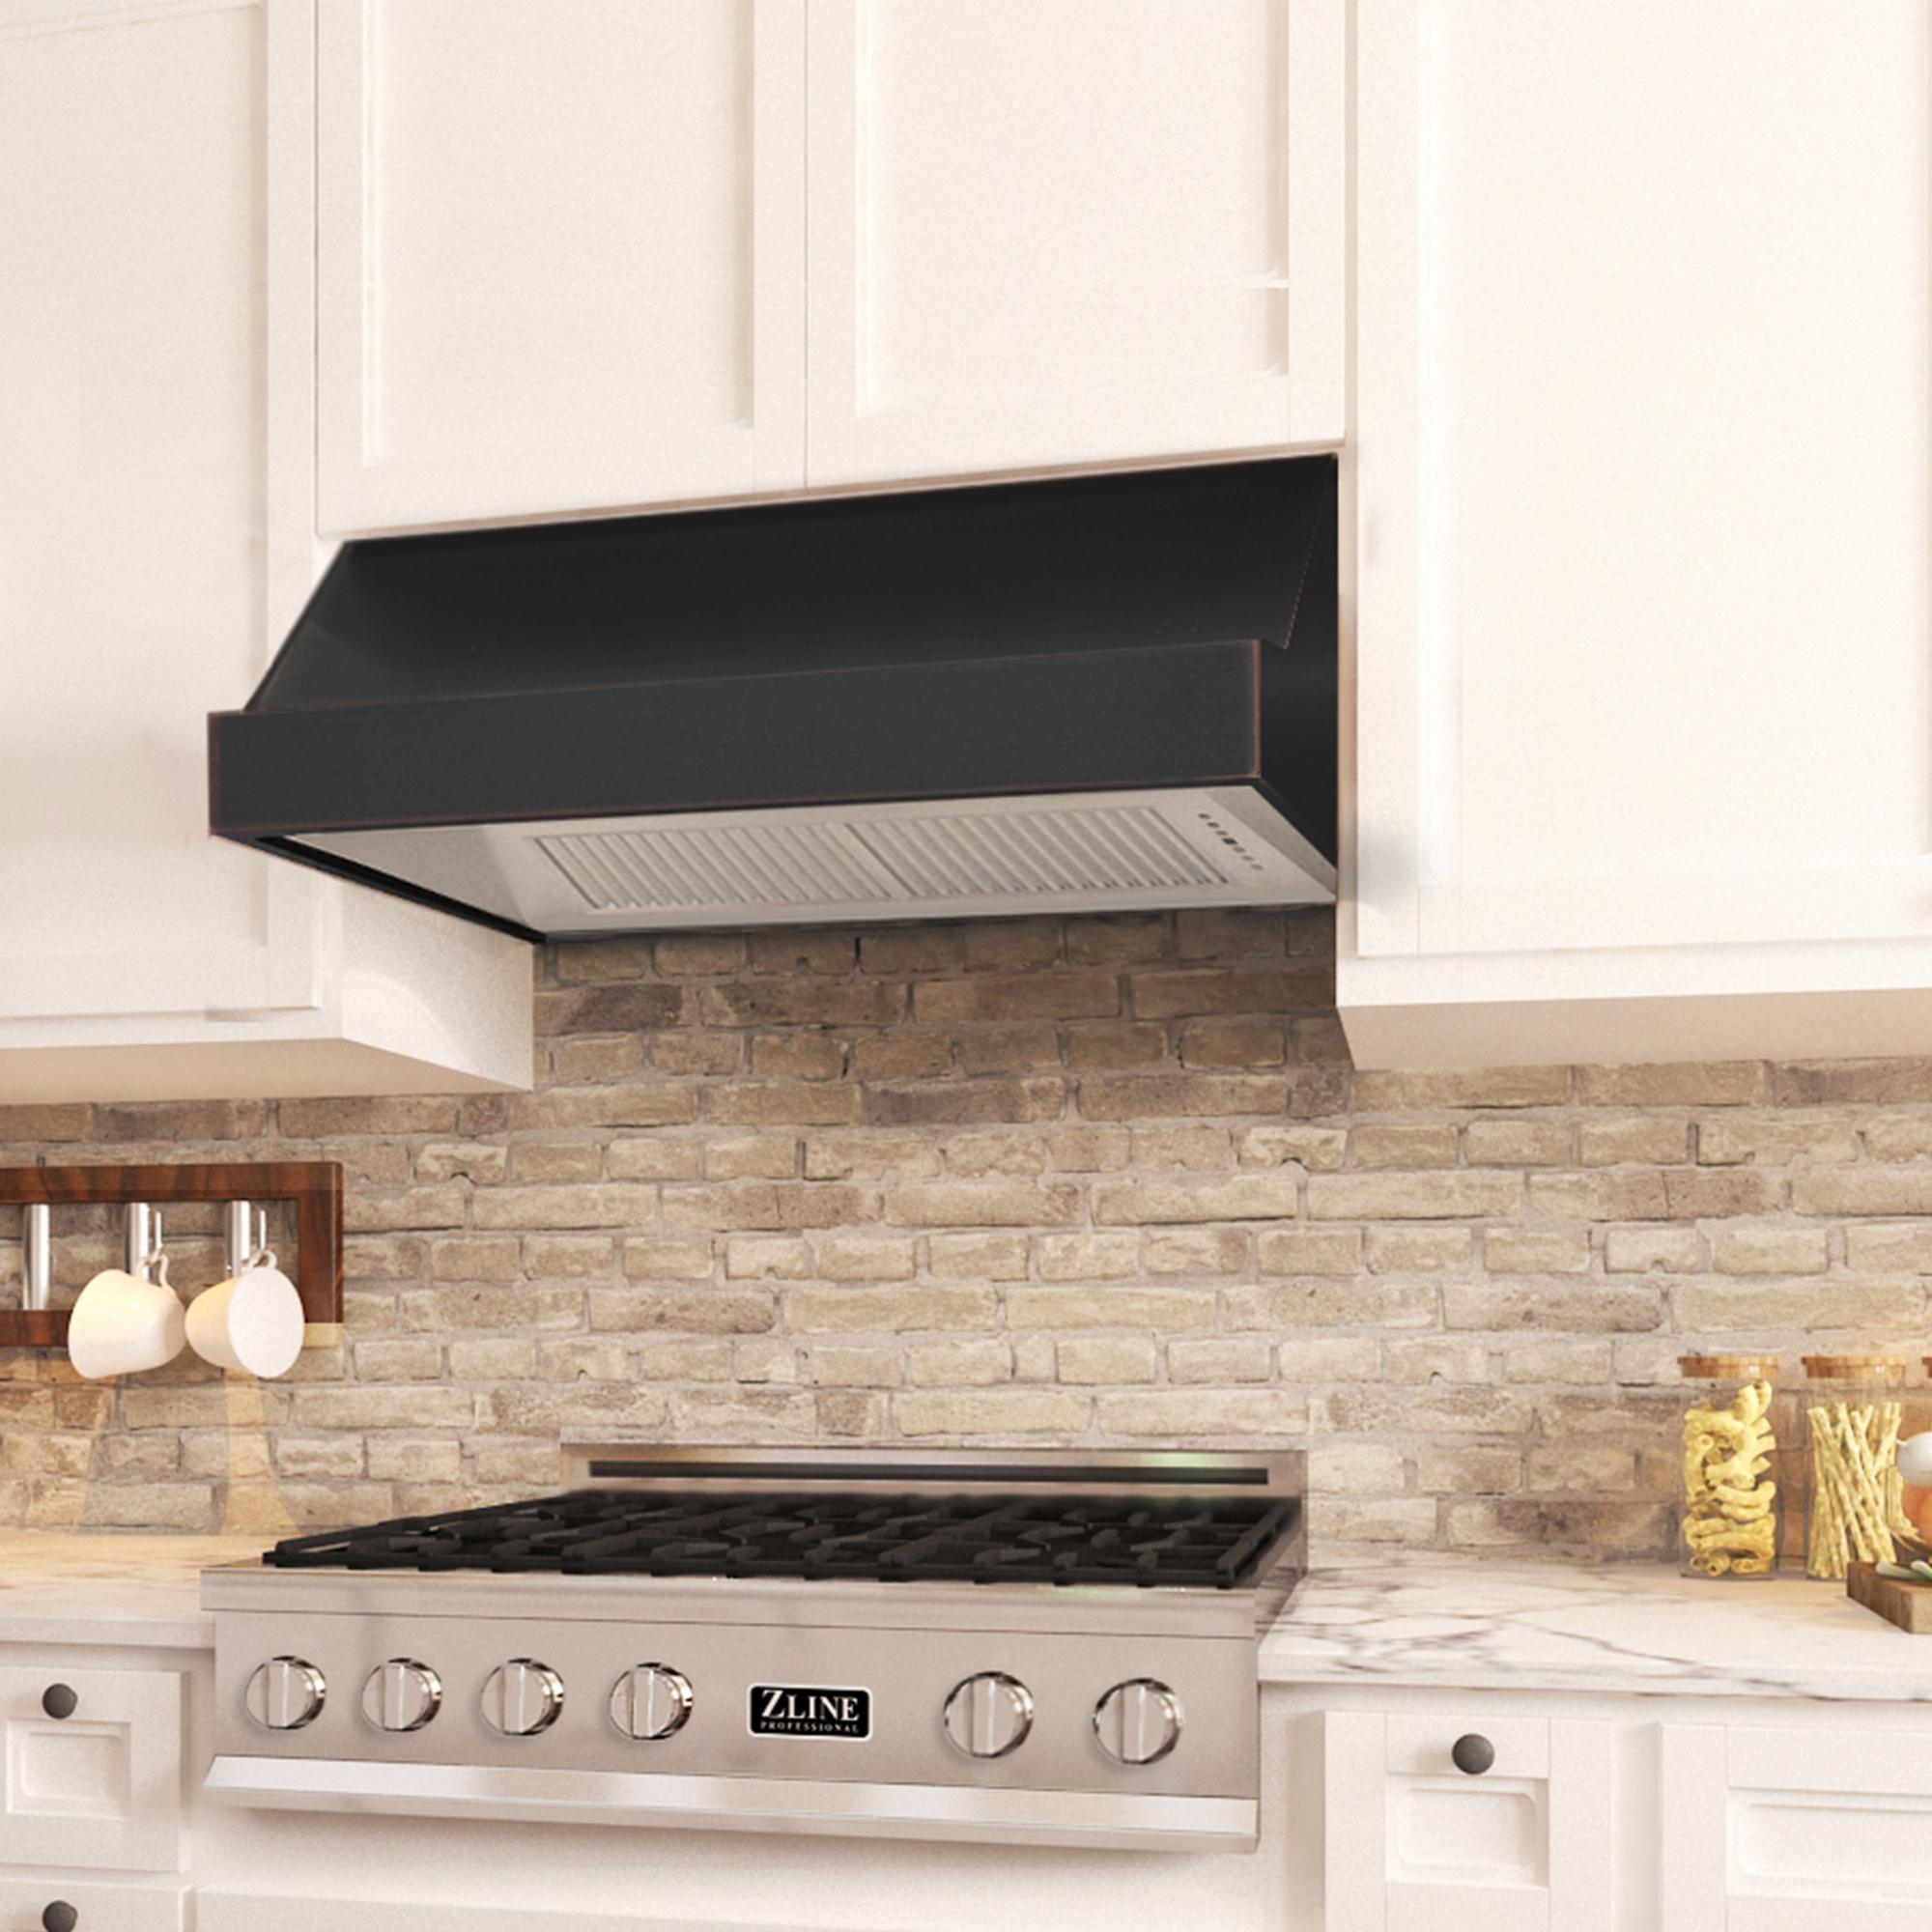 zline-black-under-cabinet-range-hood-8685B-kitchen-1.jpg